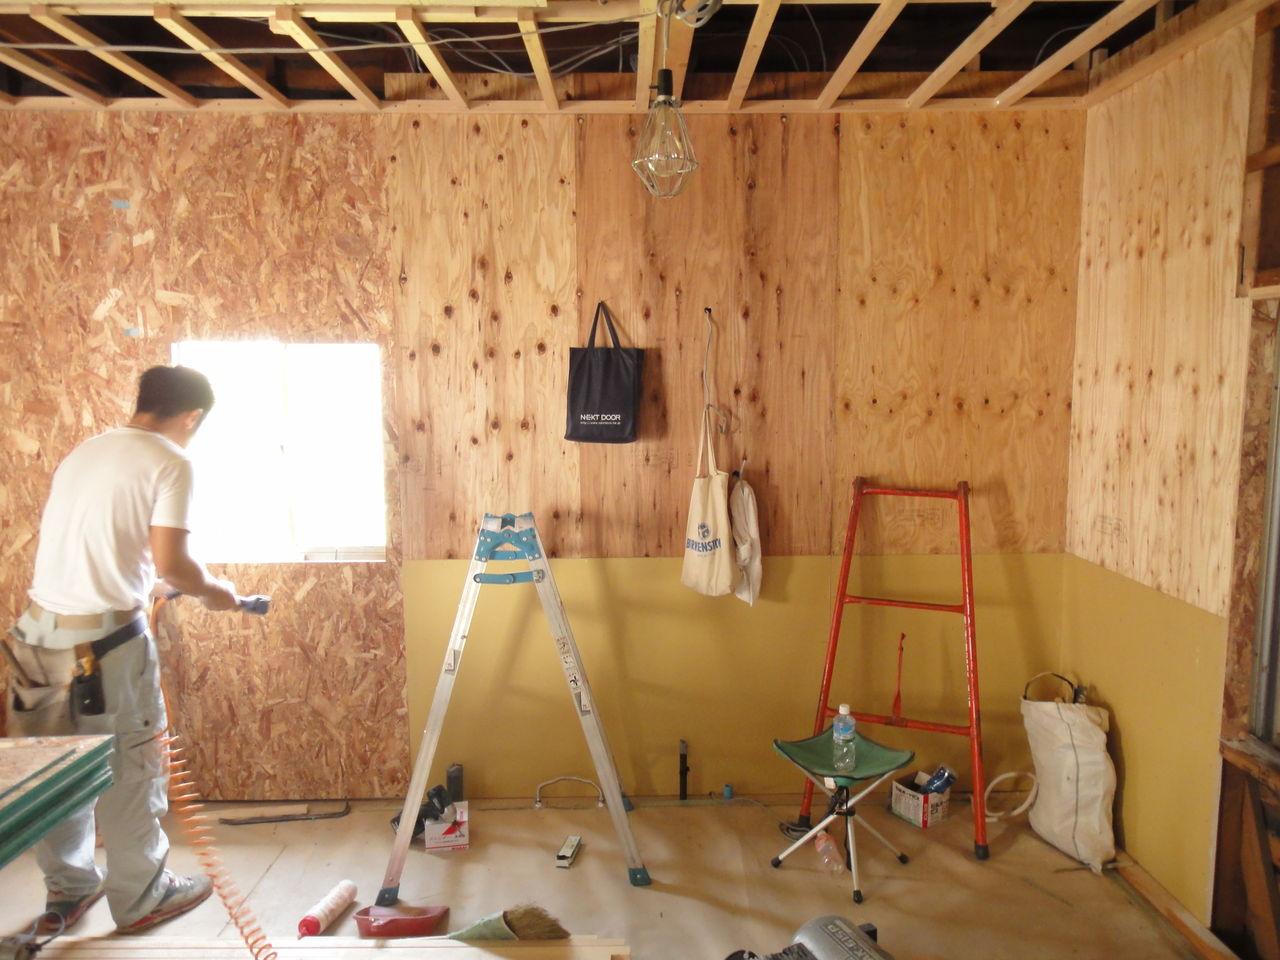 戸建てリフォーム 木工事10 osb構造合板の壁 狭小住宅編 人生万事